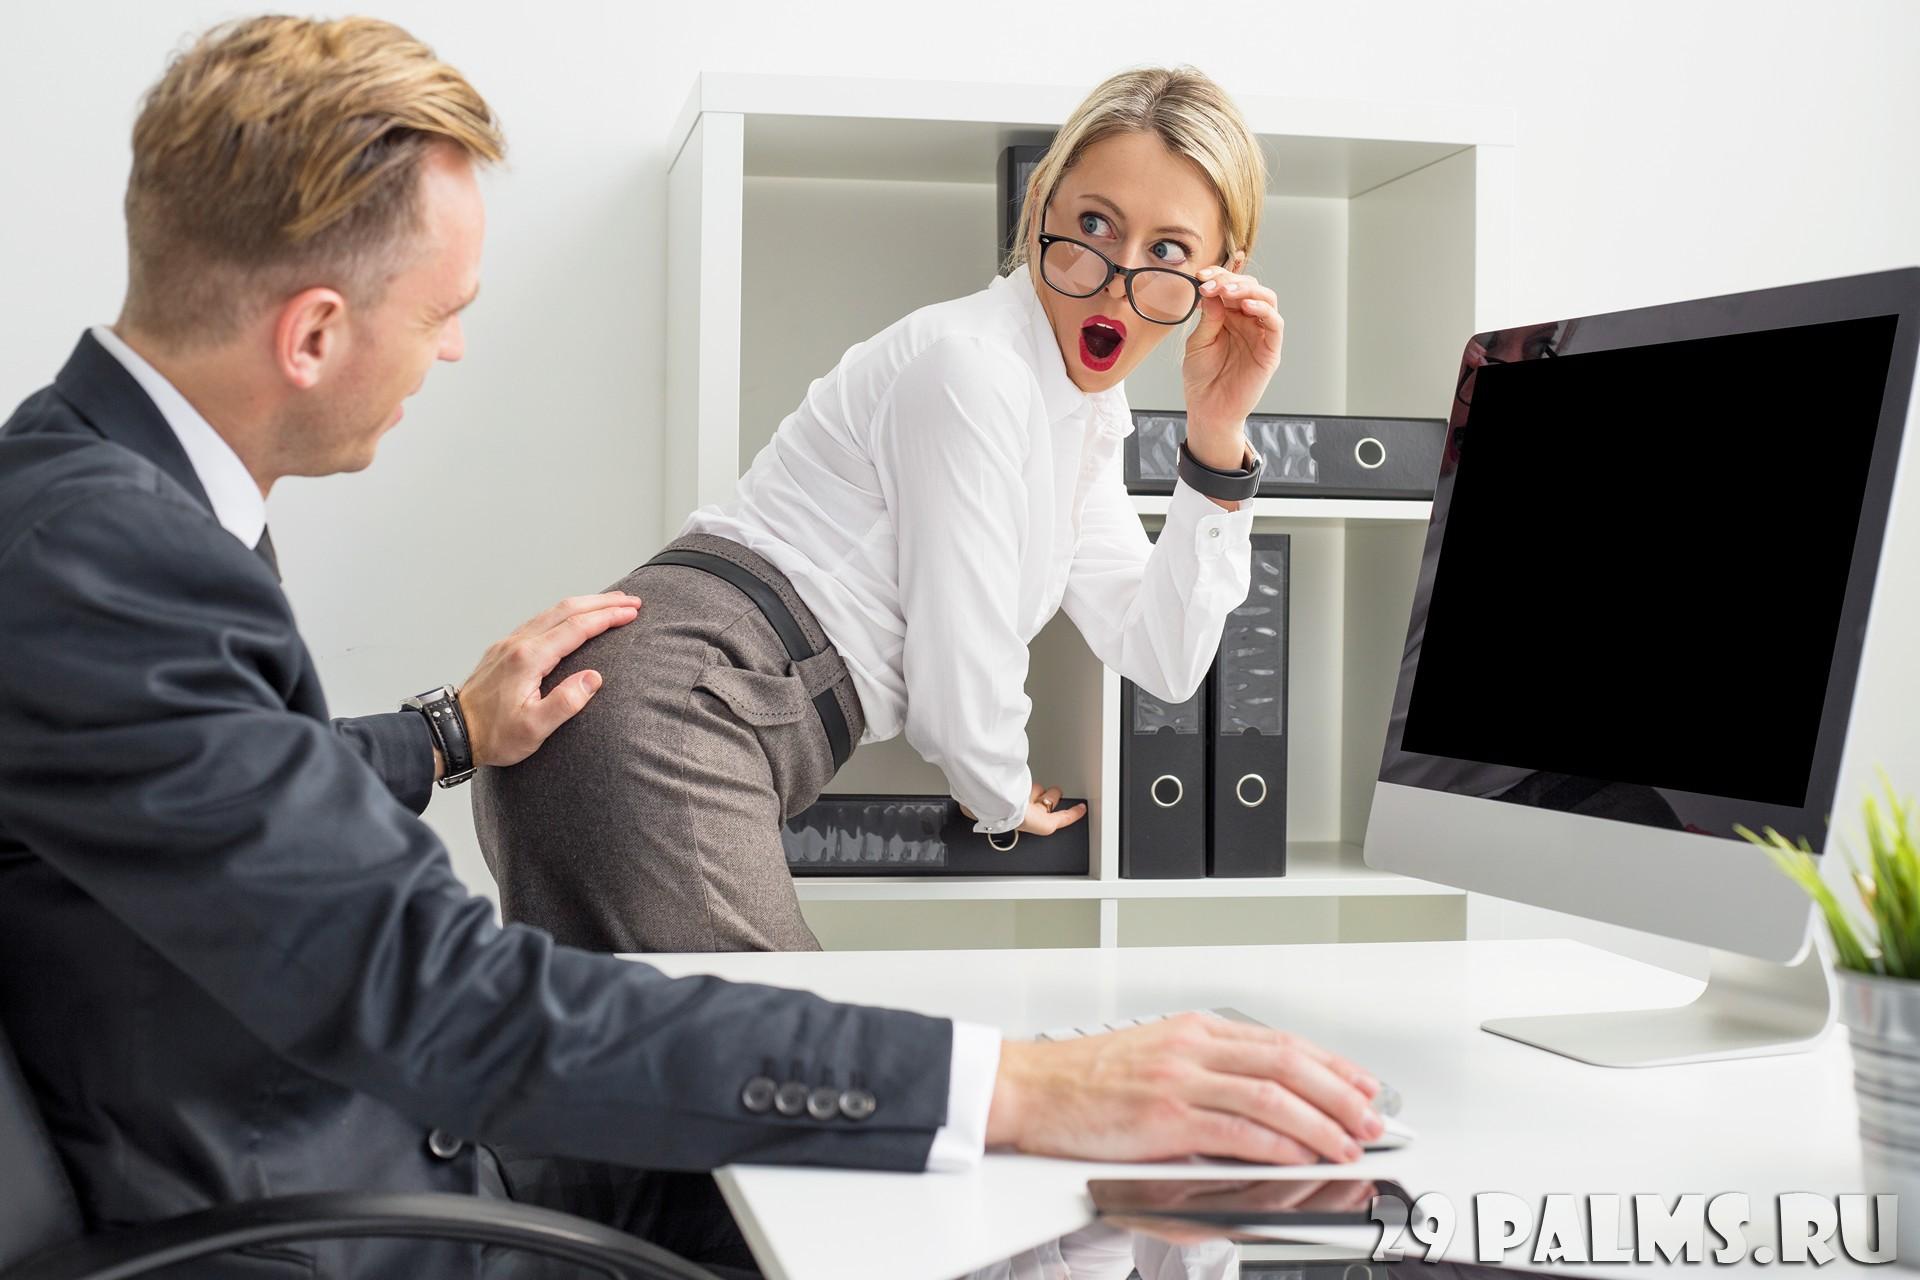 Секс в шефам, Секс с секретаршами - качественное бесплатное порно 3 фотография